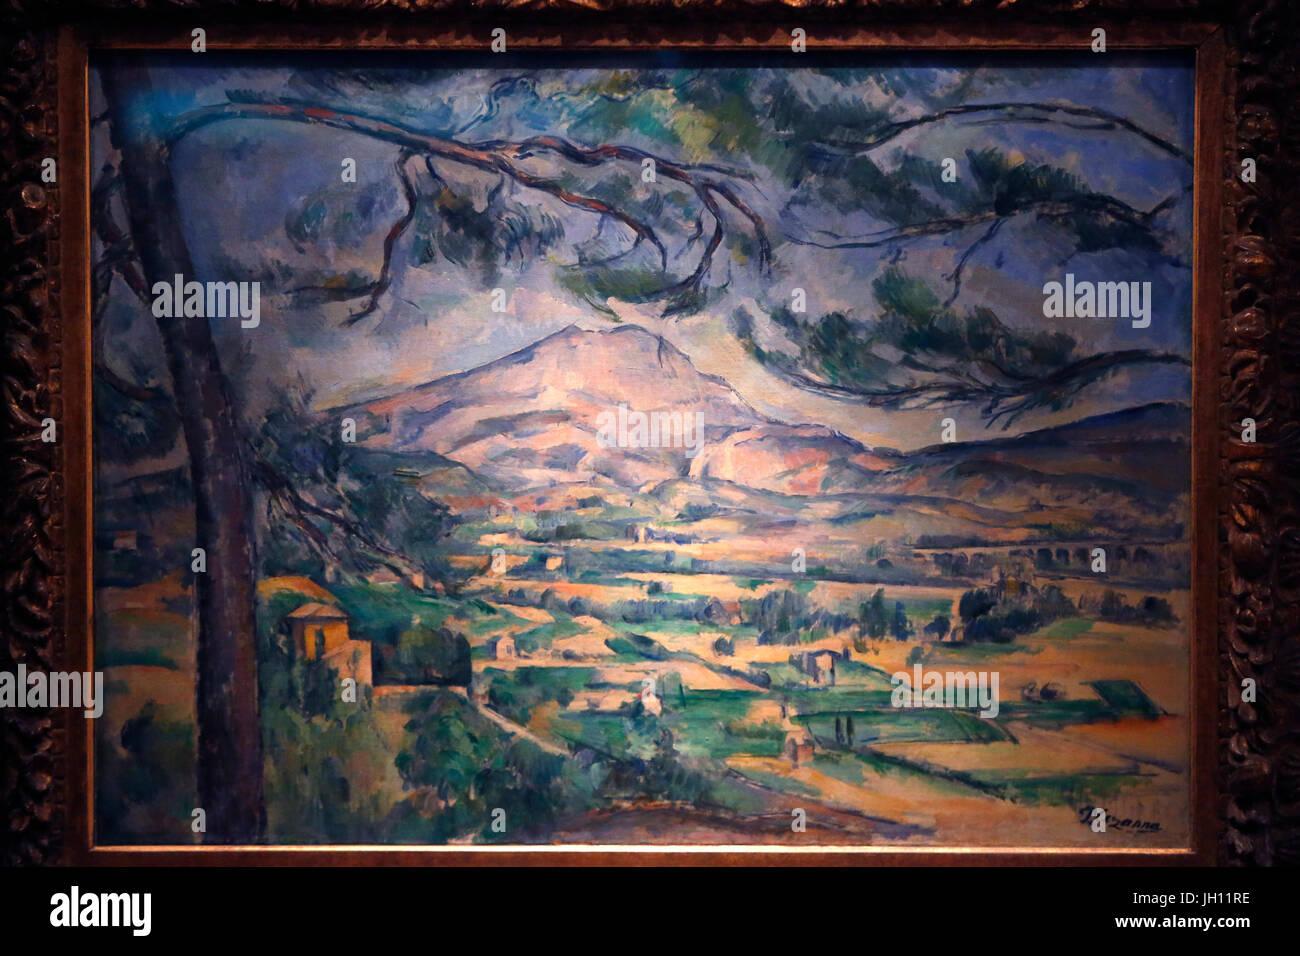 Il Courtauld Gallery. Paolo CŽzanne. Il Montagne Sainte-Victoire. Intorno al 1887. Olio su tela. Regno Unito. Immagini Stock